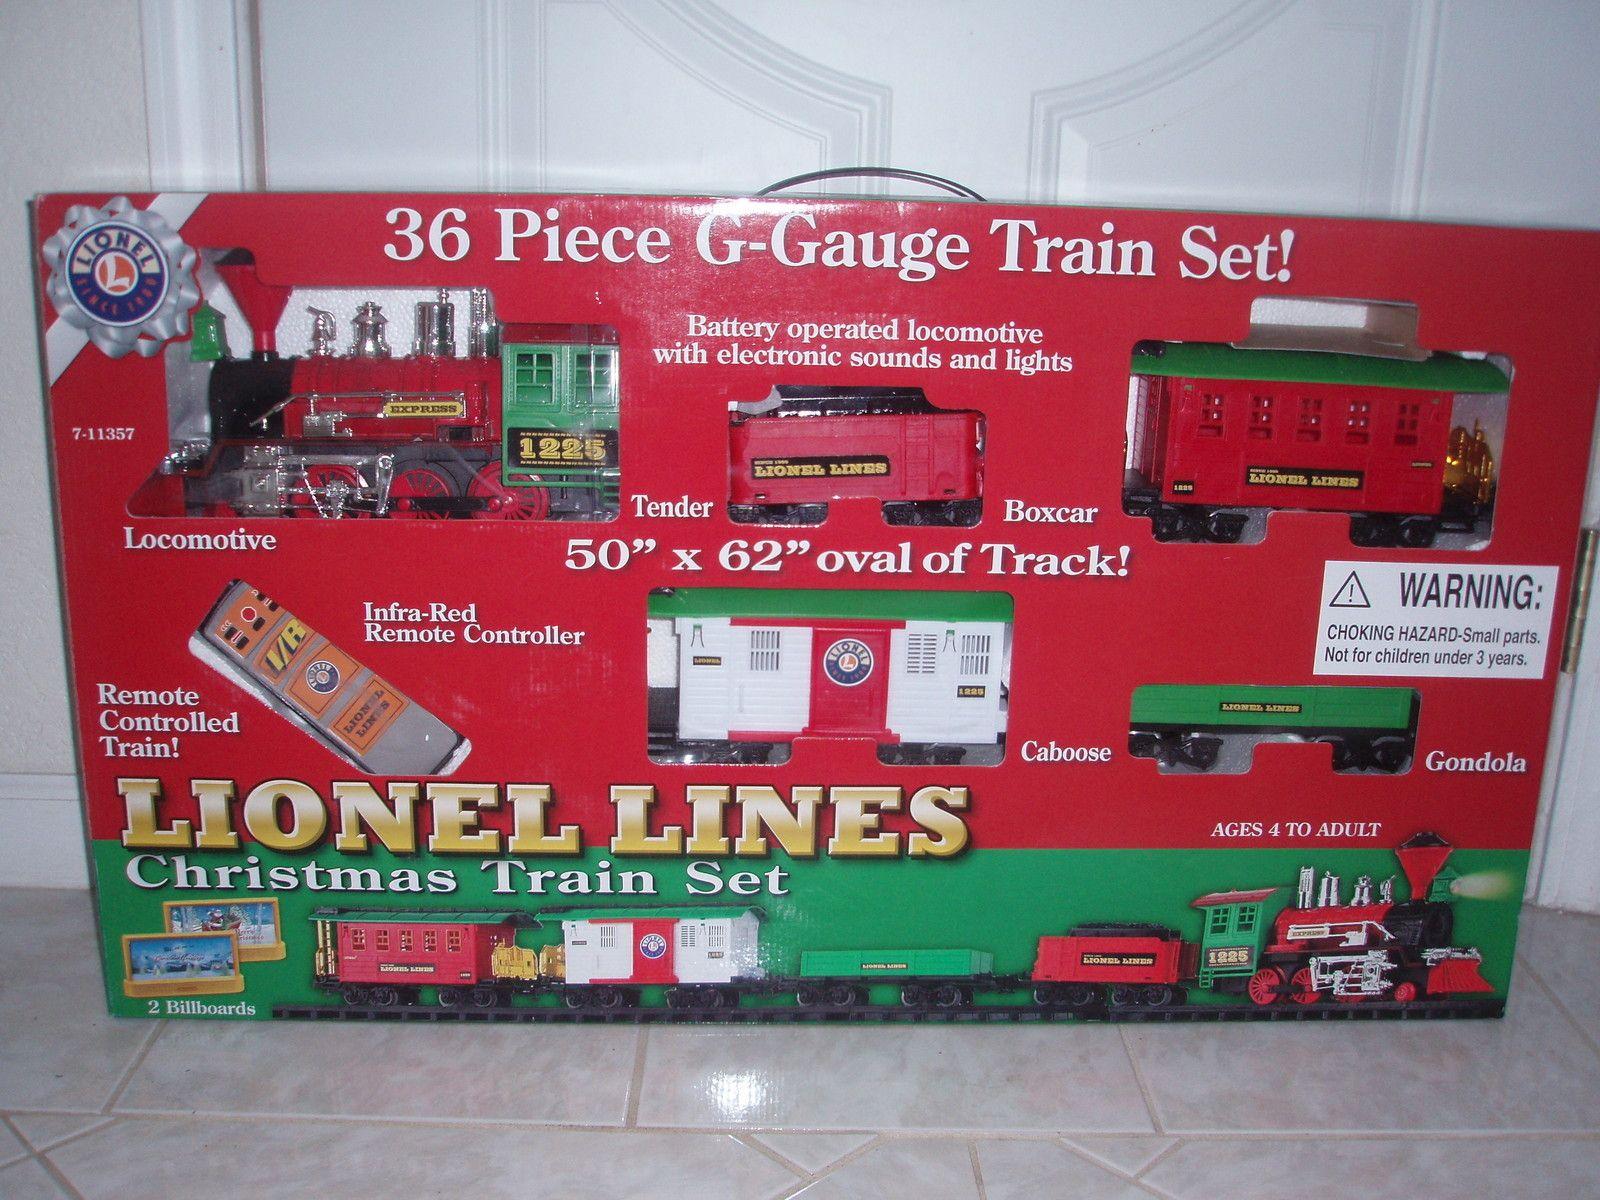 Lionel Christmas Train.Lionel Lines 36 Pc G Gauge Christmas Train Set Battery